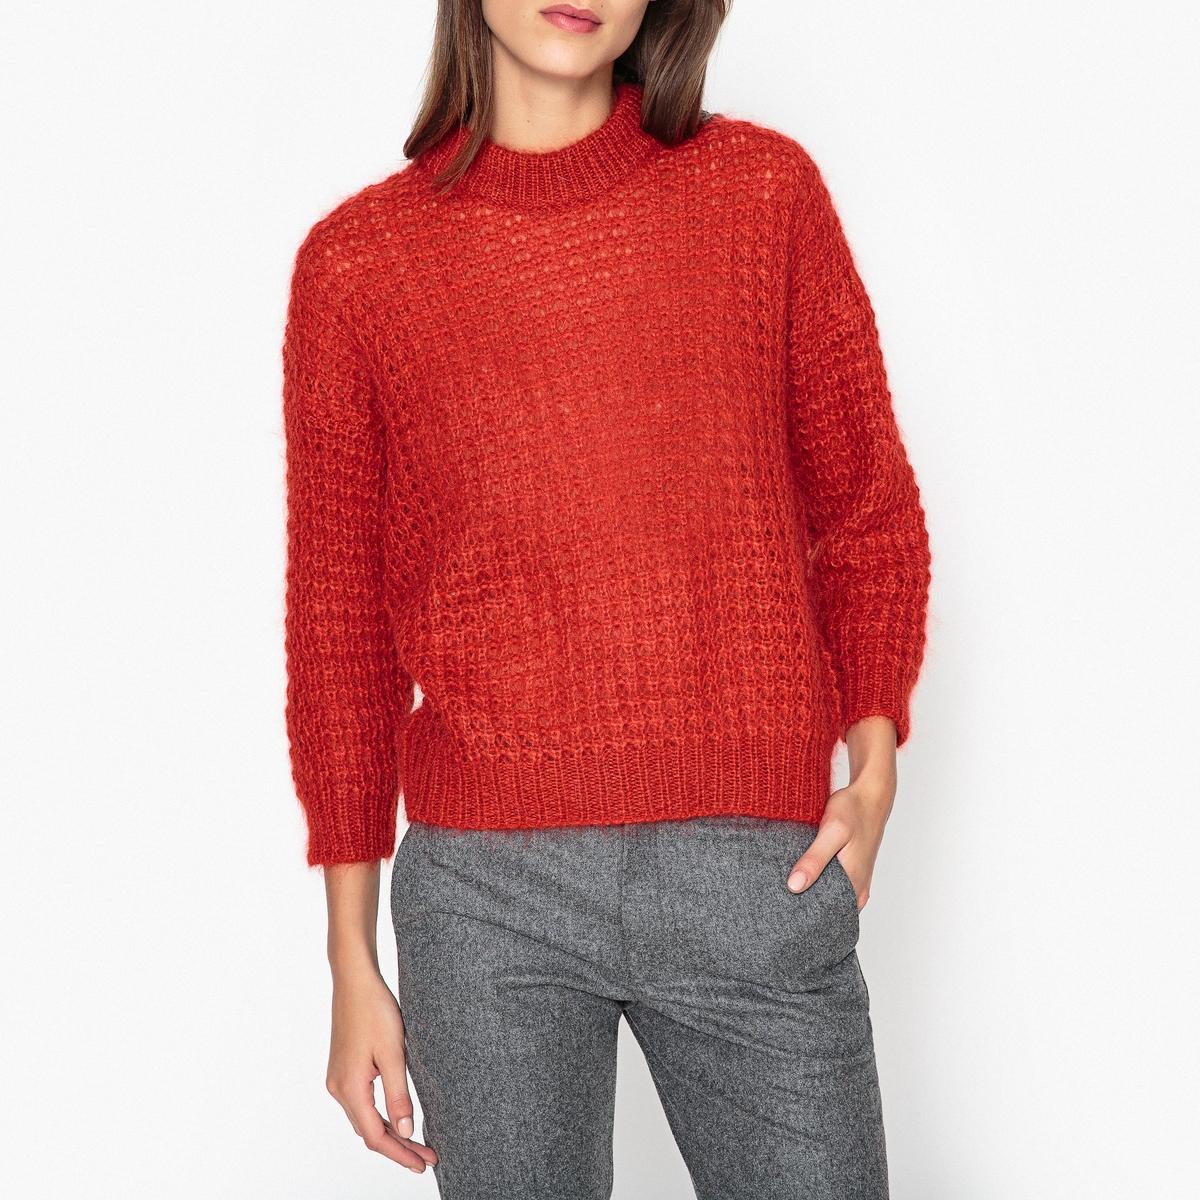 где купить Пуловер трикотажный COCO по лучшей цене